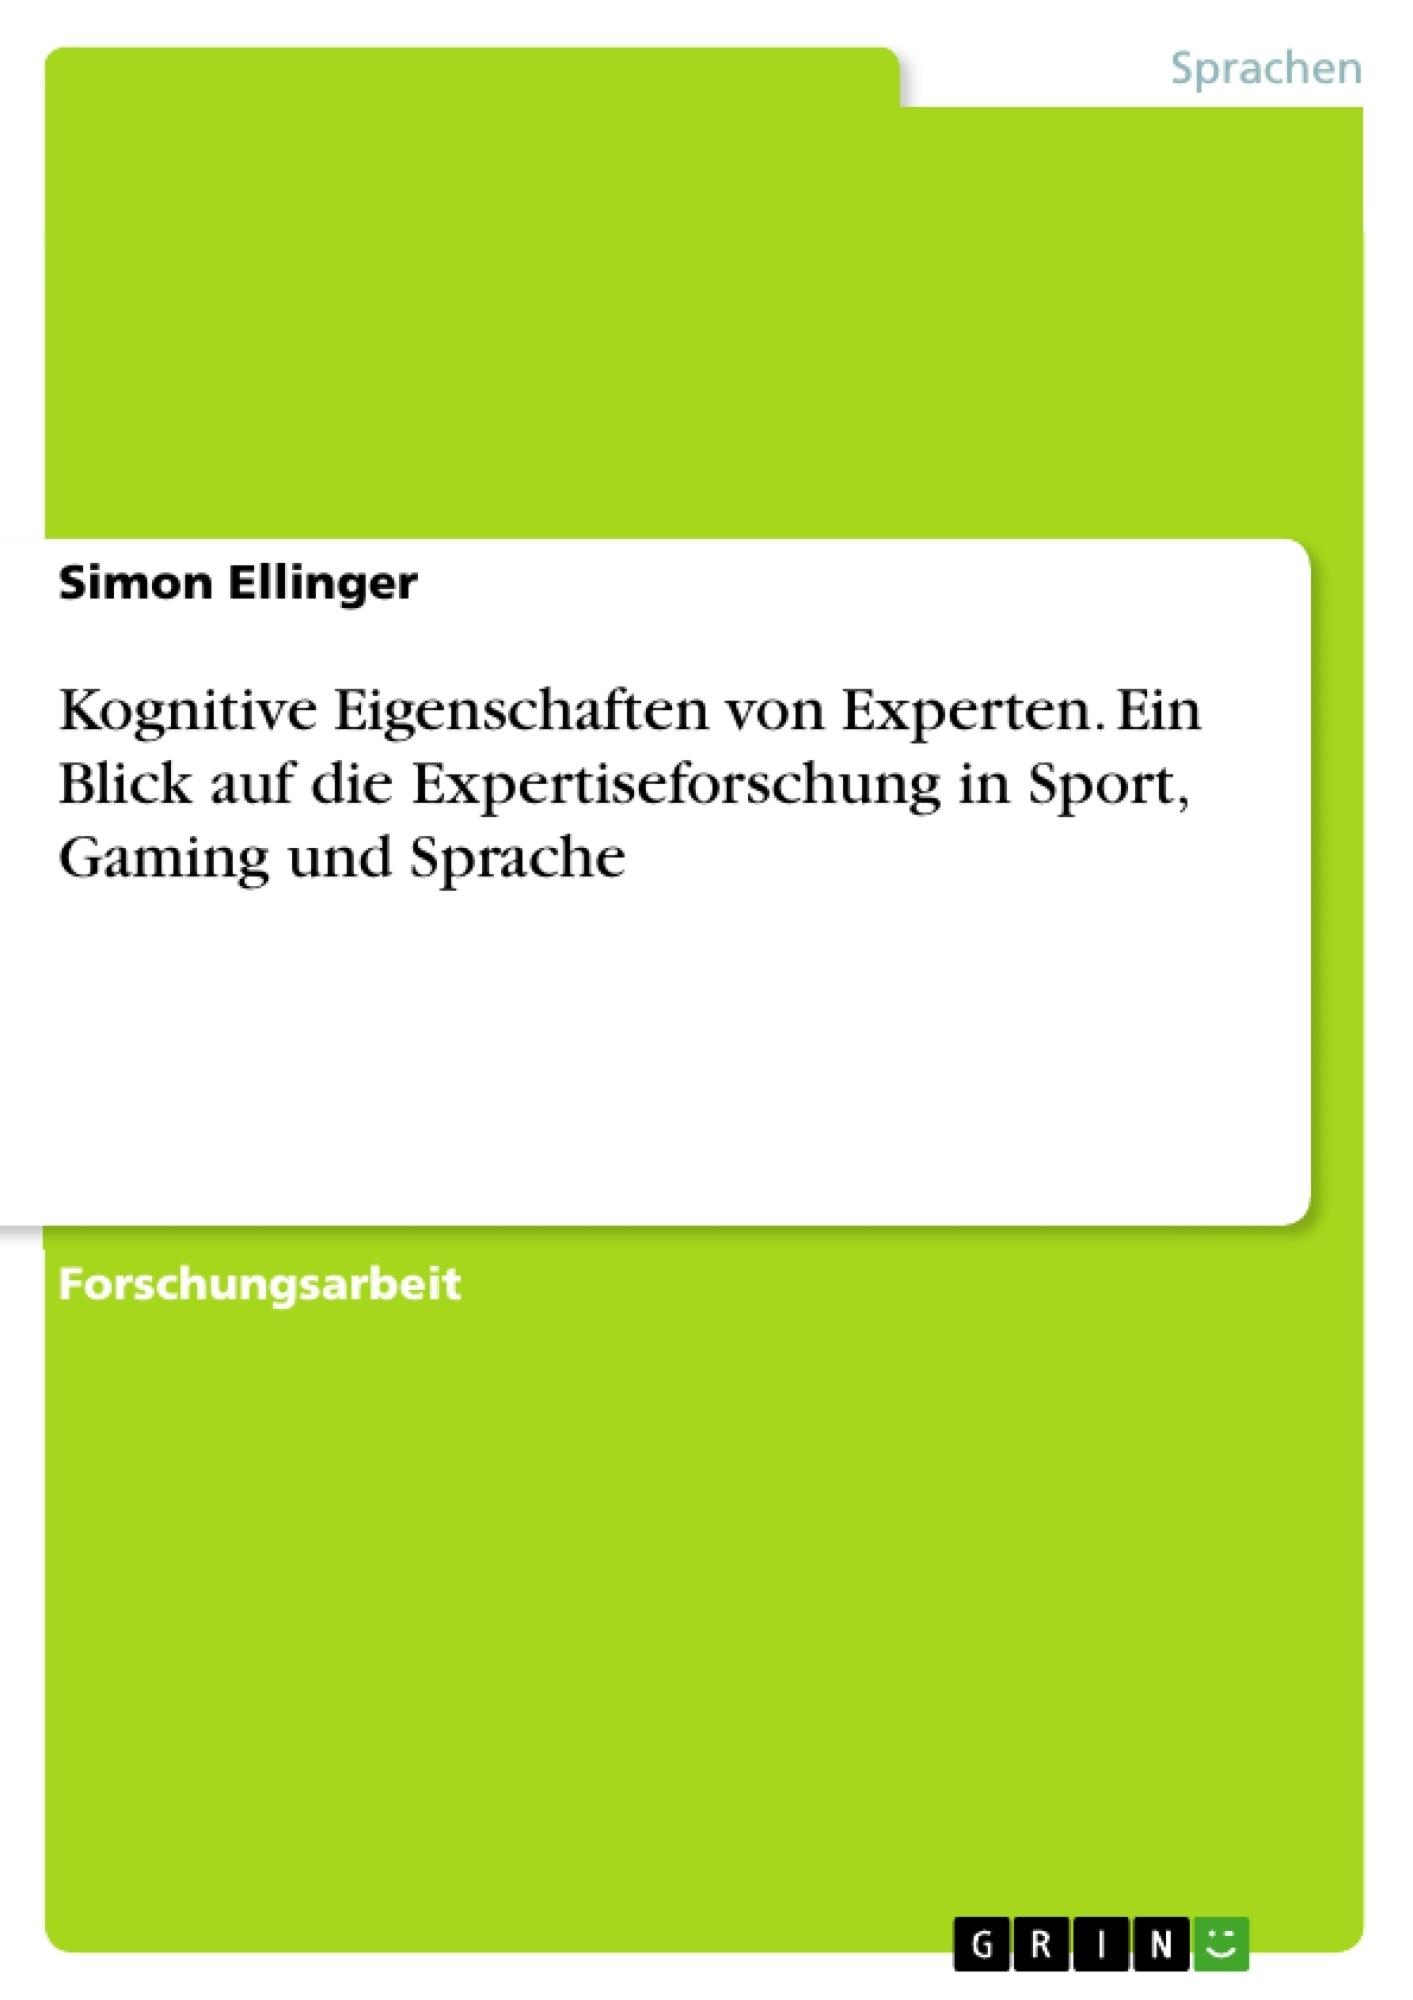 Titel: Kognitive Eigenschaften von Experten. Ein Blick auf die Expertiseforschung in Sport, Gaming und Sprache